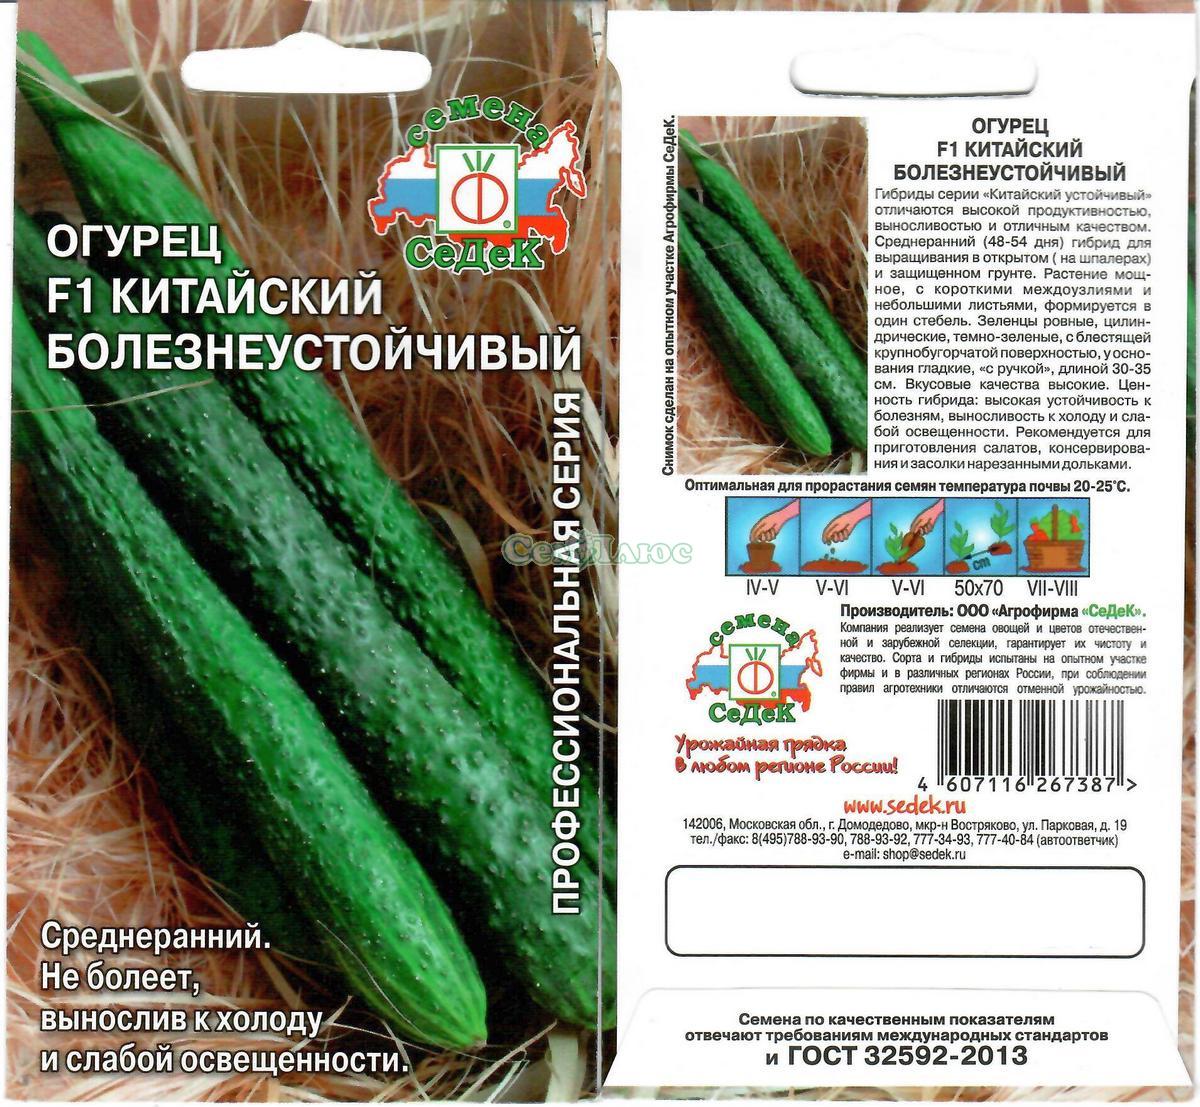 Огурец эстафета f1 — описание и характеристика сорта | zdavnews.ru